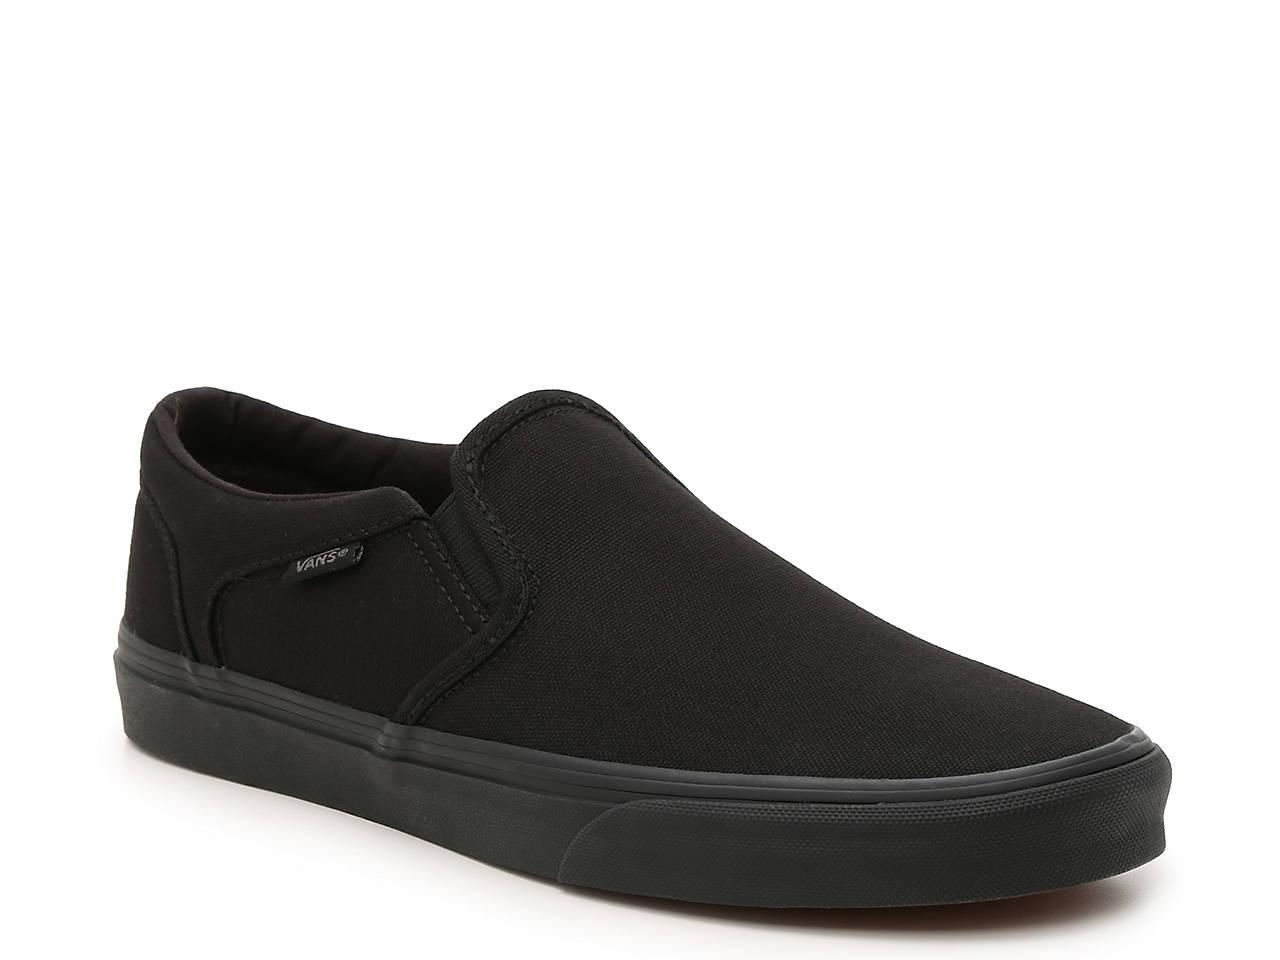 4705b26958b Vans Asher Slip-On Sneaker - Men s Men s Shoes